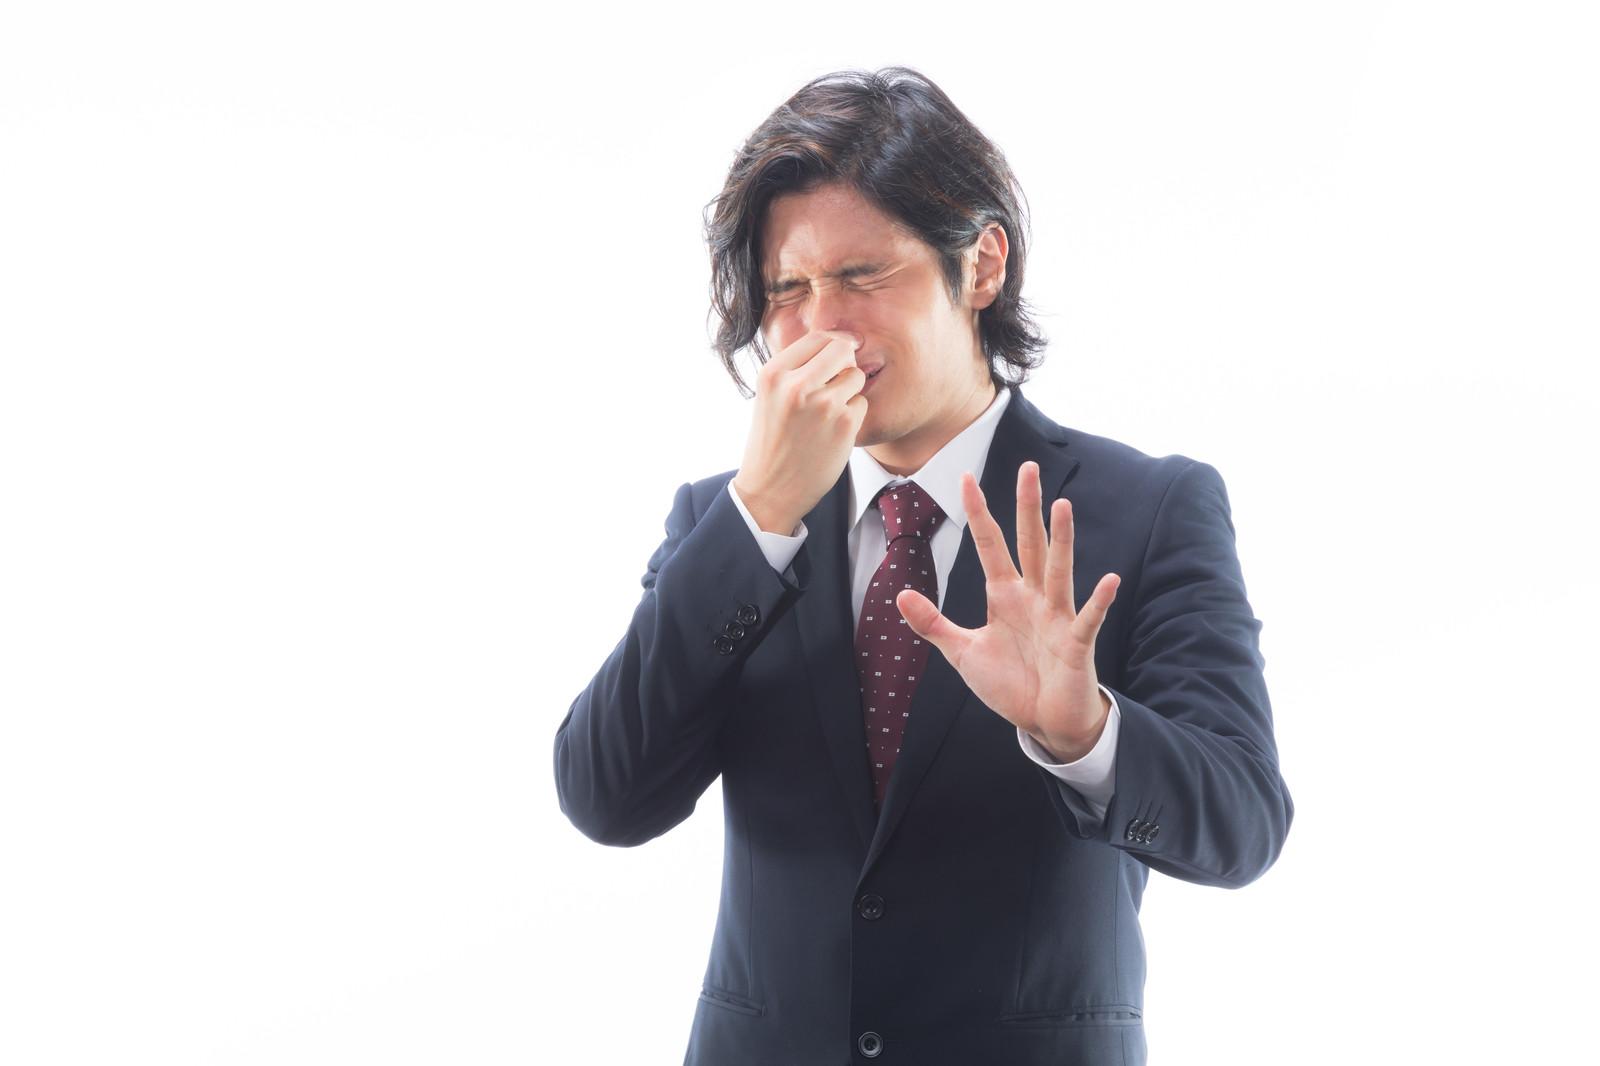 頭皮の嫌な臭いの原因と対策について!サムネイル